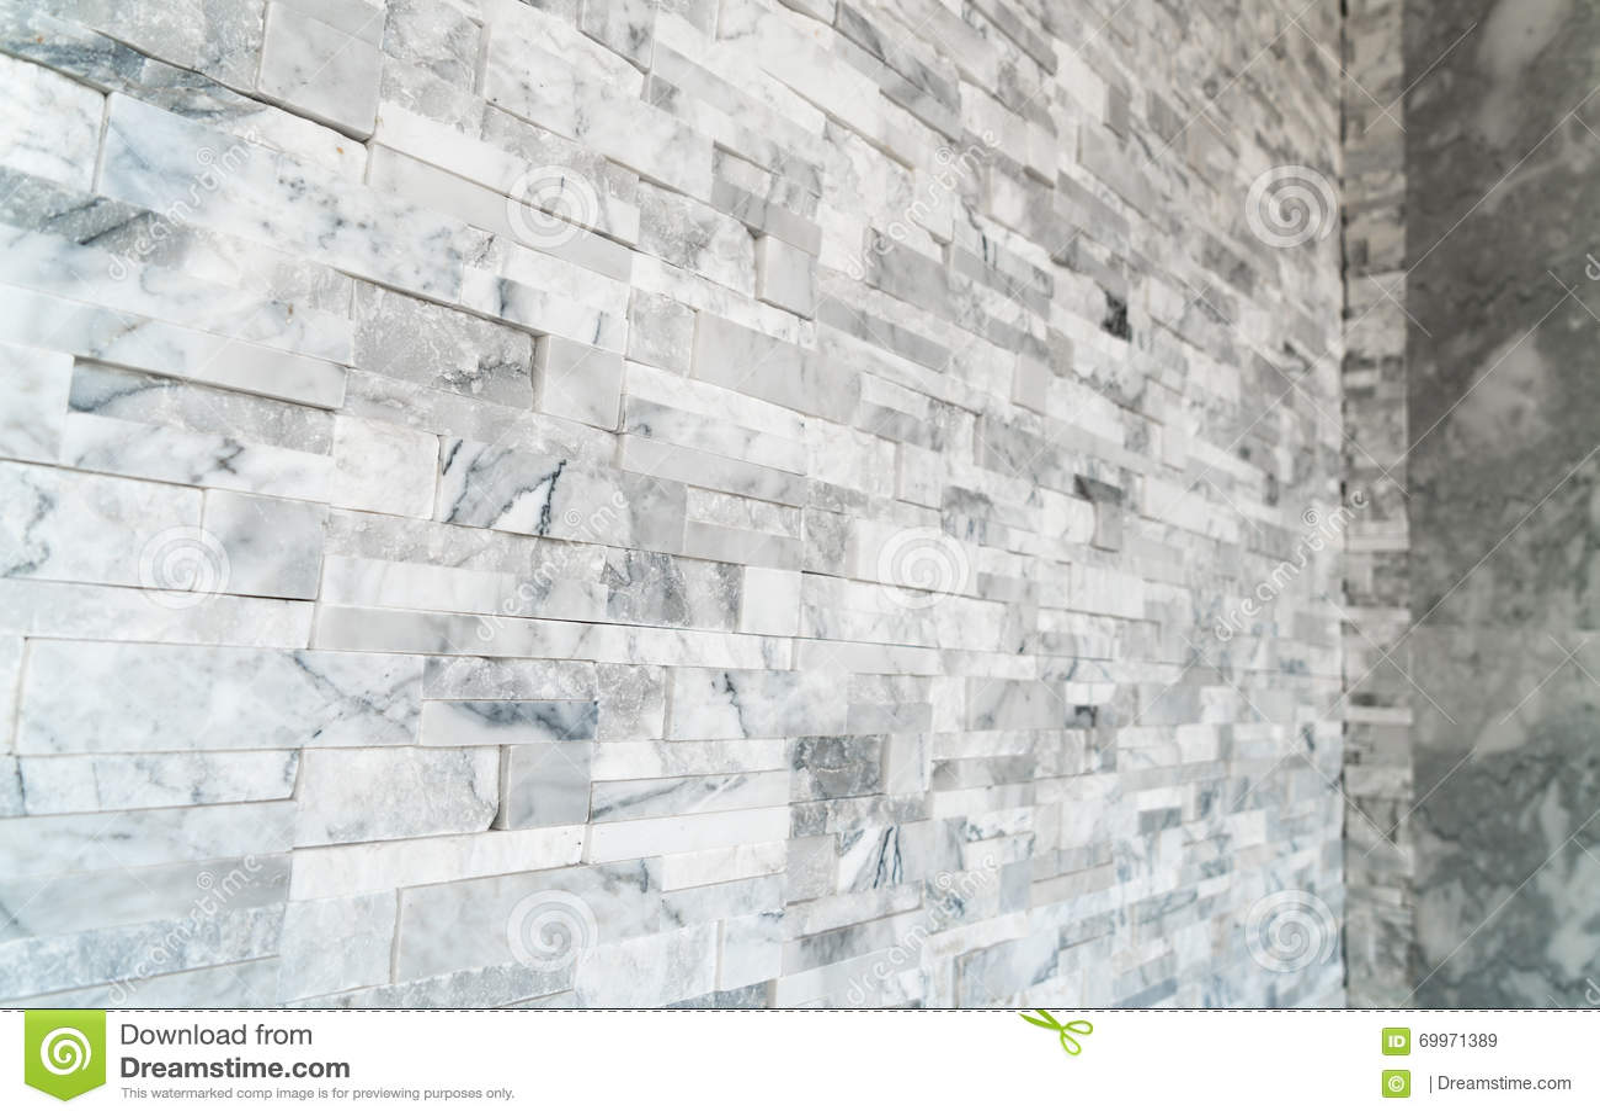 Piedra pared interior los muros y paredes interiores de - Pared rustica interior ...